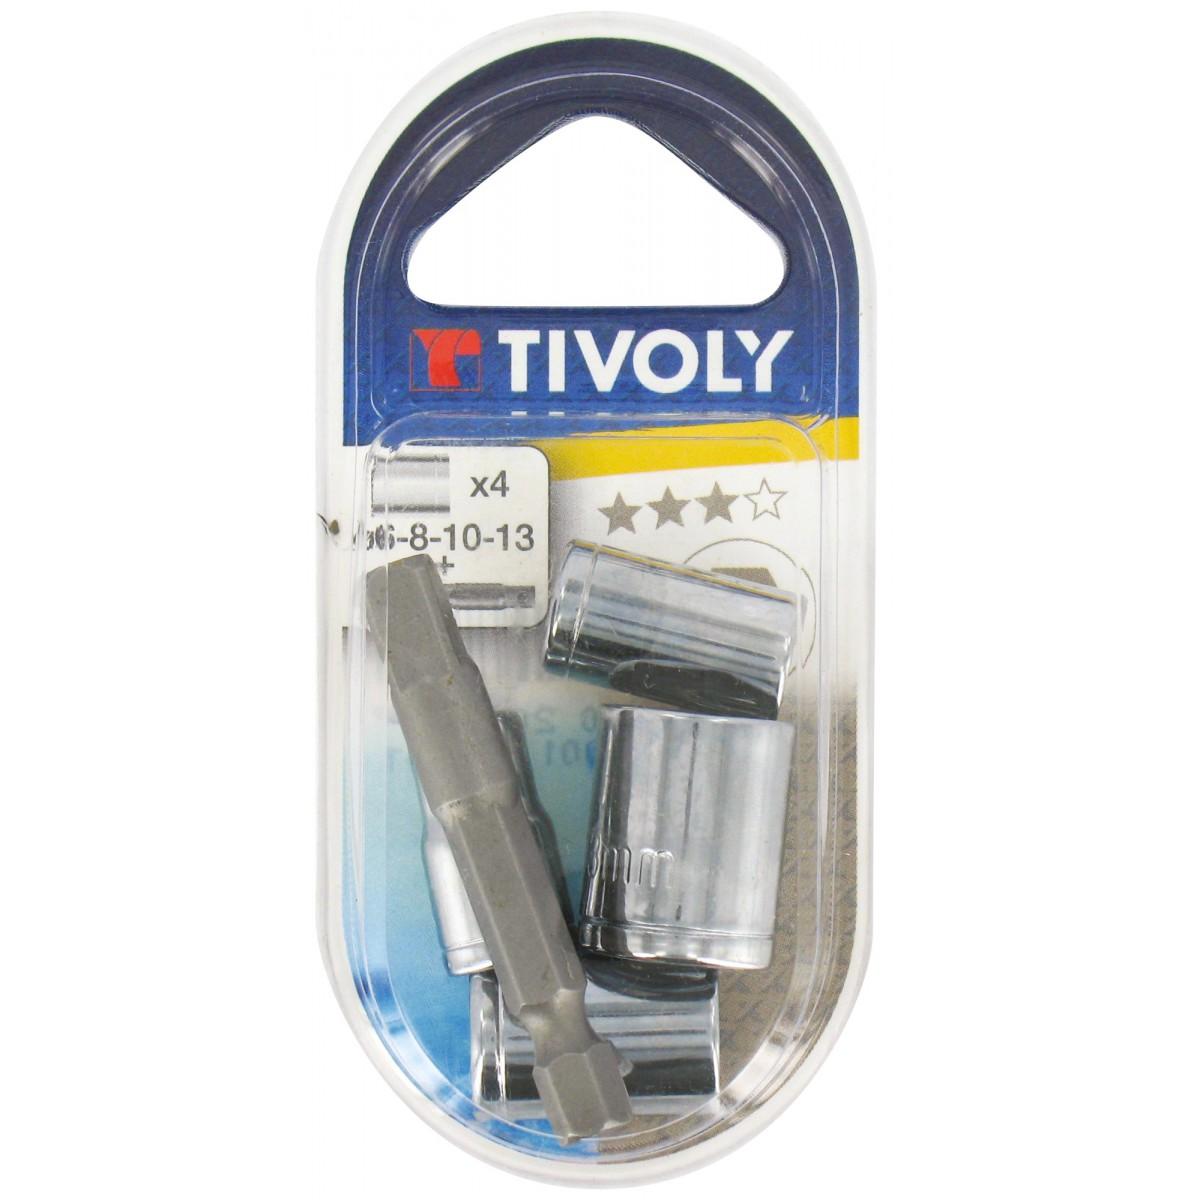 Jeu 4 douilles + 1 porte-embout carré Tivoly - Douilles 6 - 8 - 10 - 13 mm - Vendu par 5